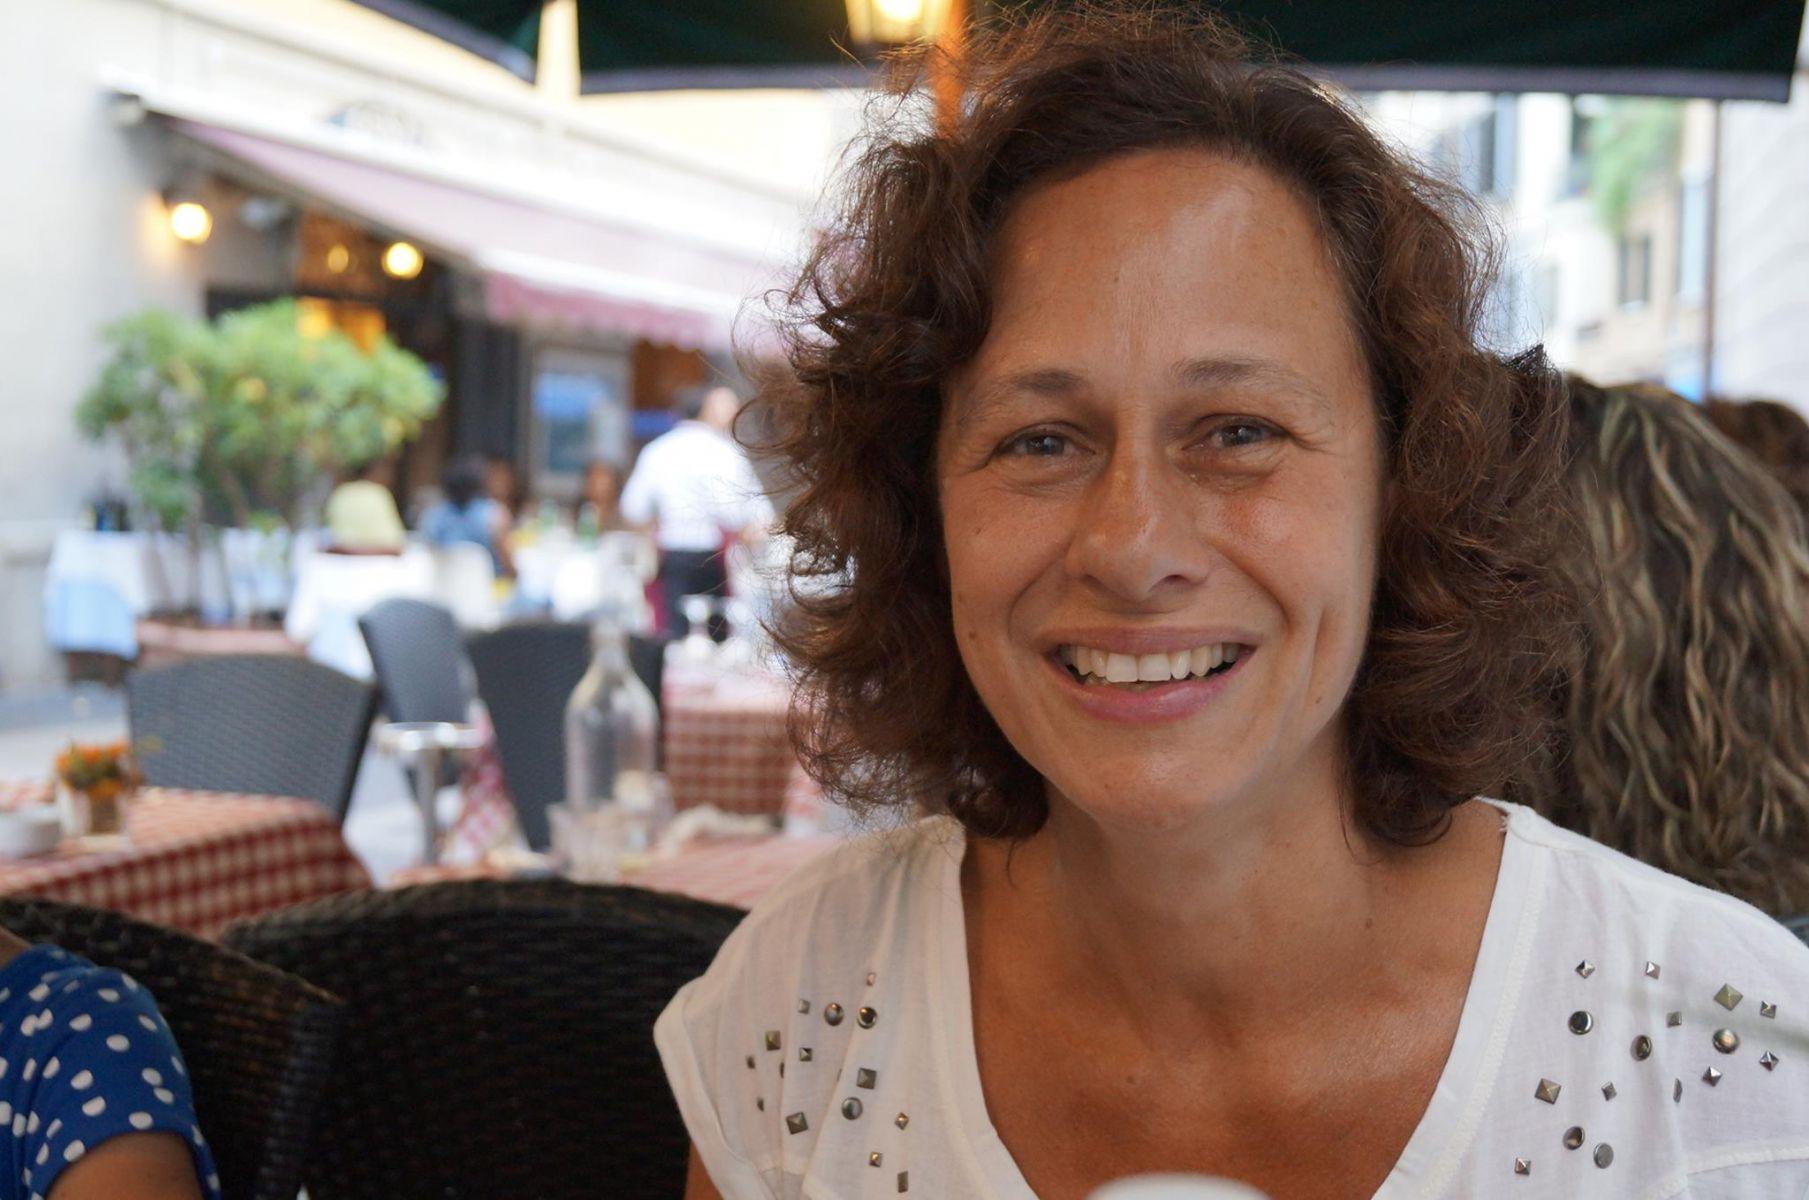 53 jarige Vrouw uit  (Flevoland) zoekt man voor Spannend contact, Vriendschap